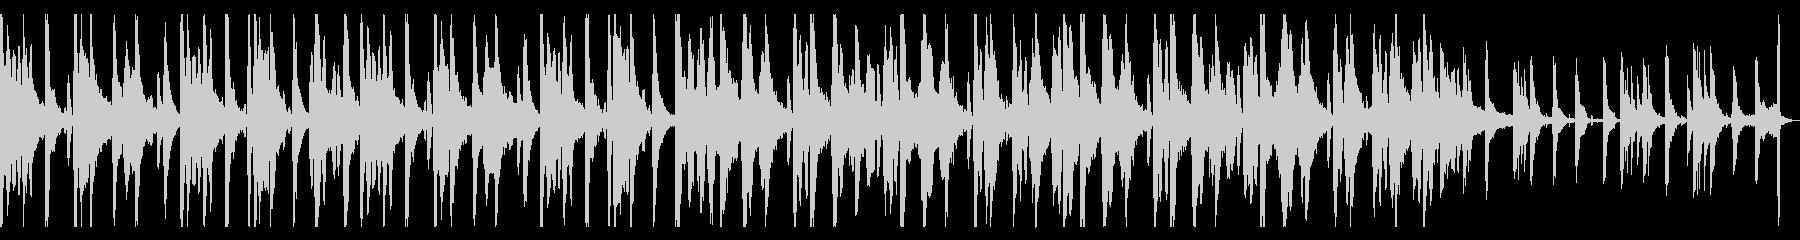 のほほんファンシー kawaii BGMの未再生の波形